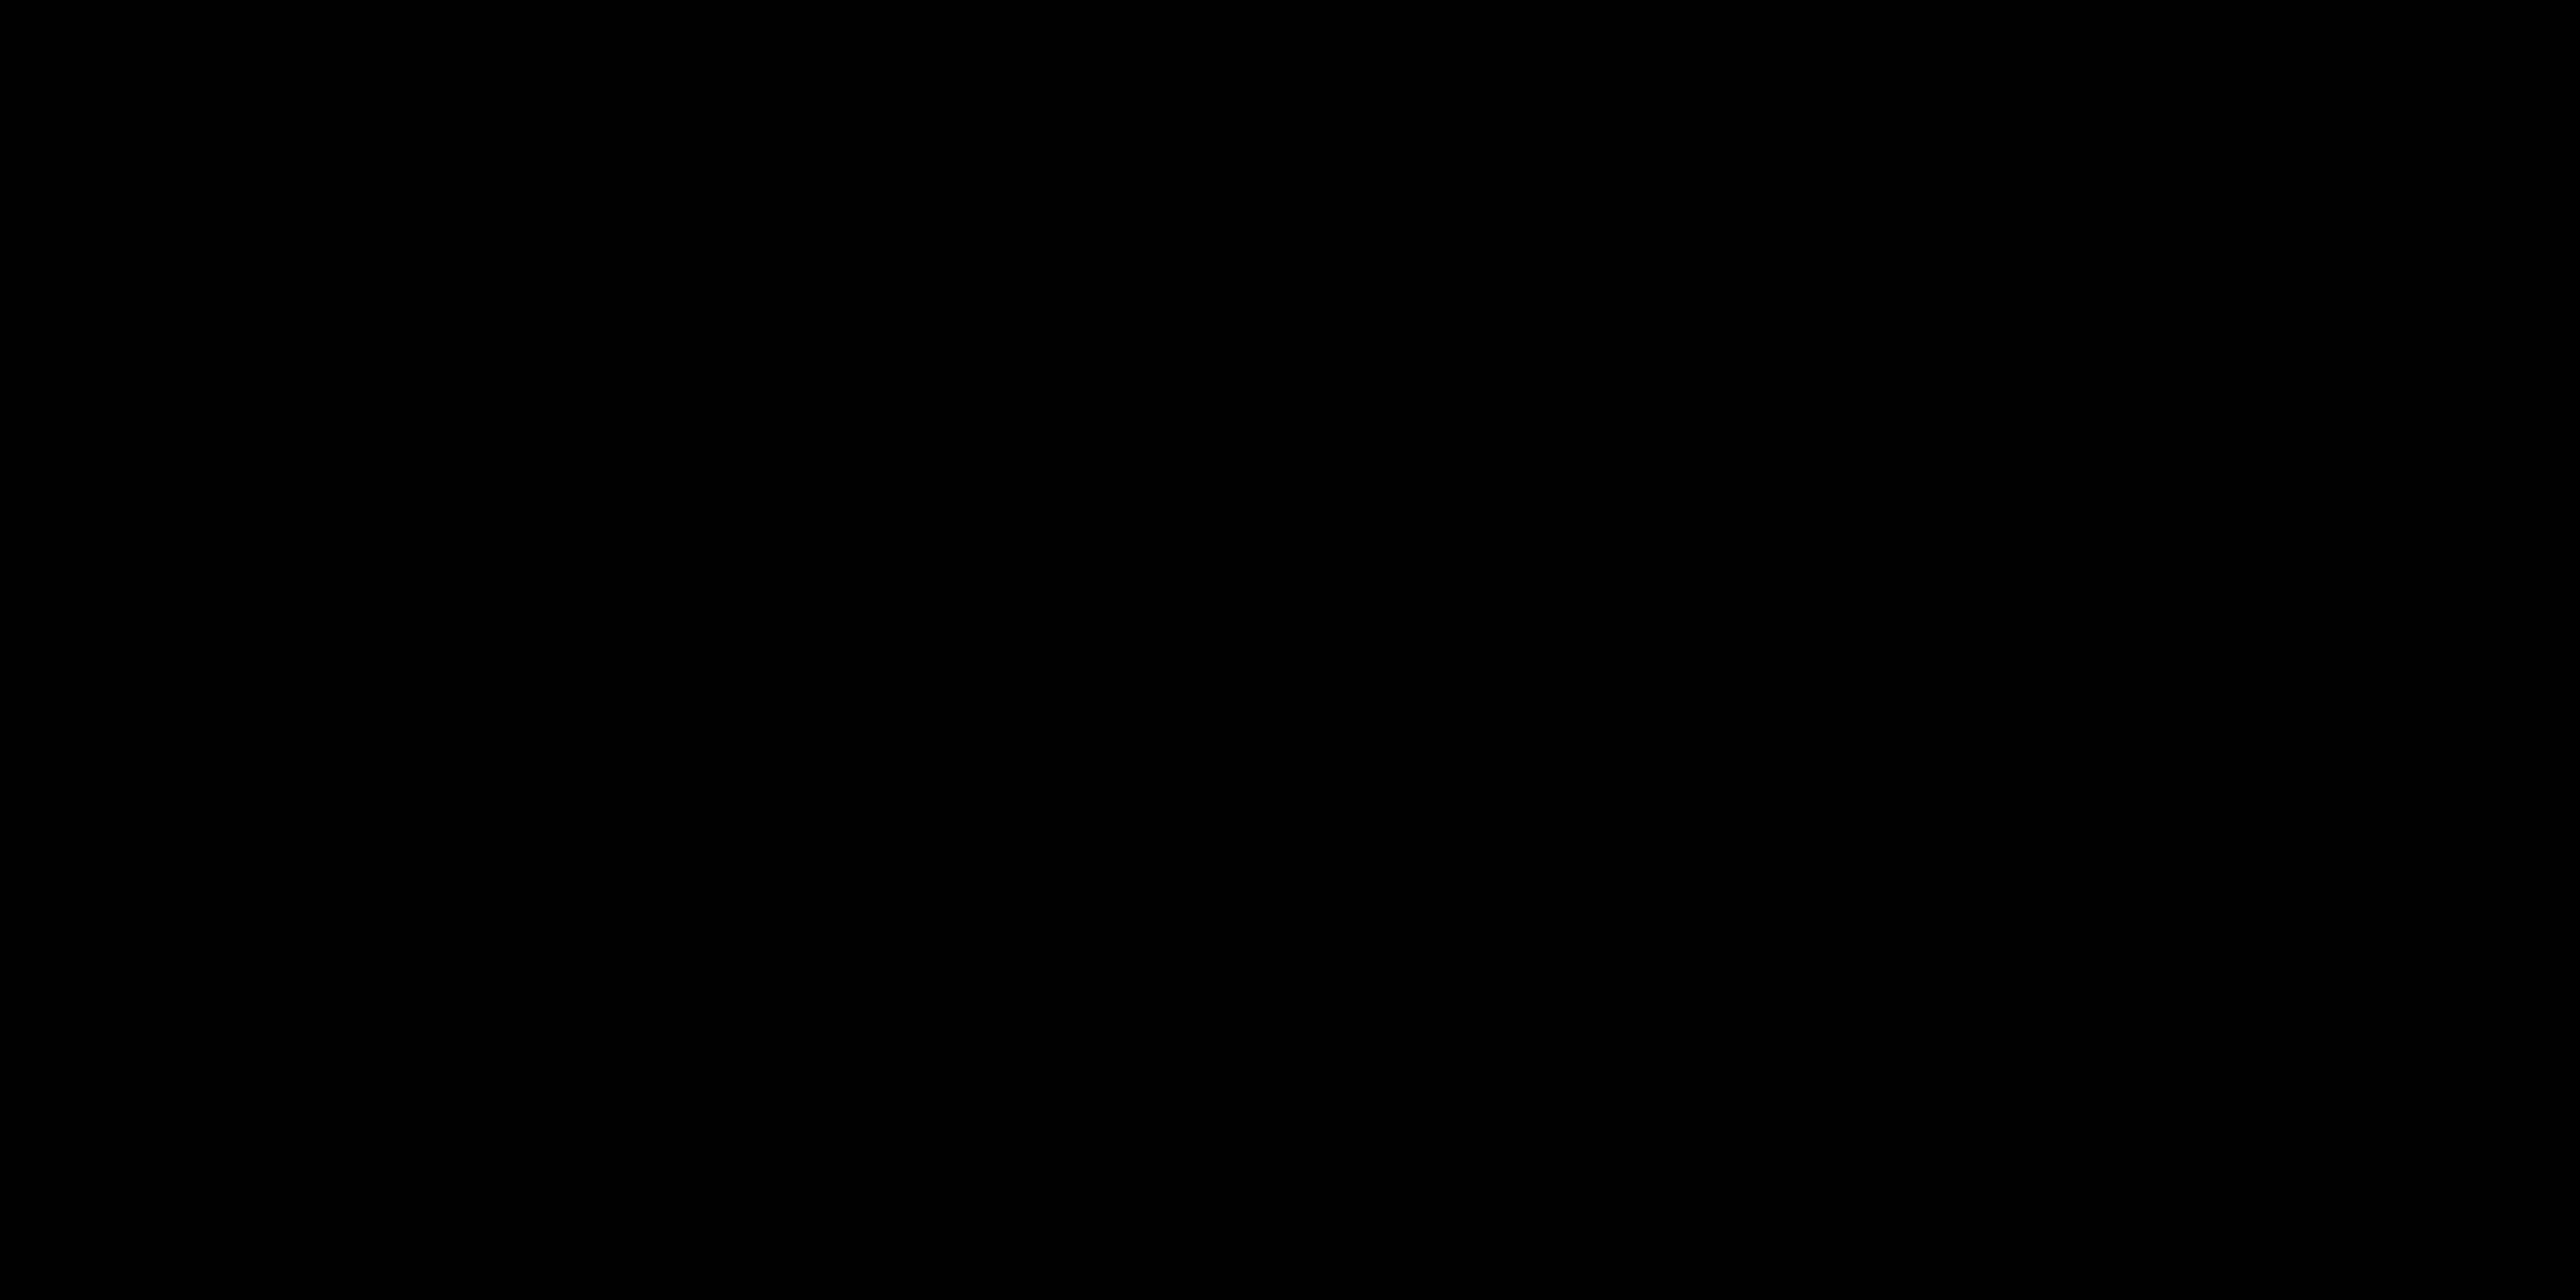 10款炫丽抽象光效射线主视觉KV海报展板设计EPS素材 Light Effect Ray Vector Material插图3